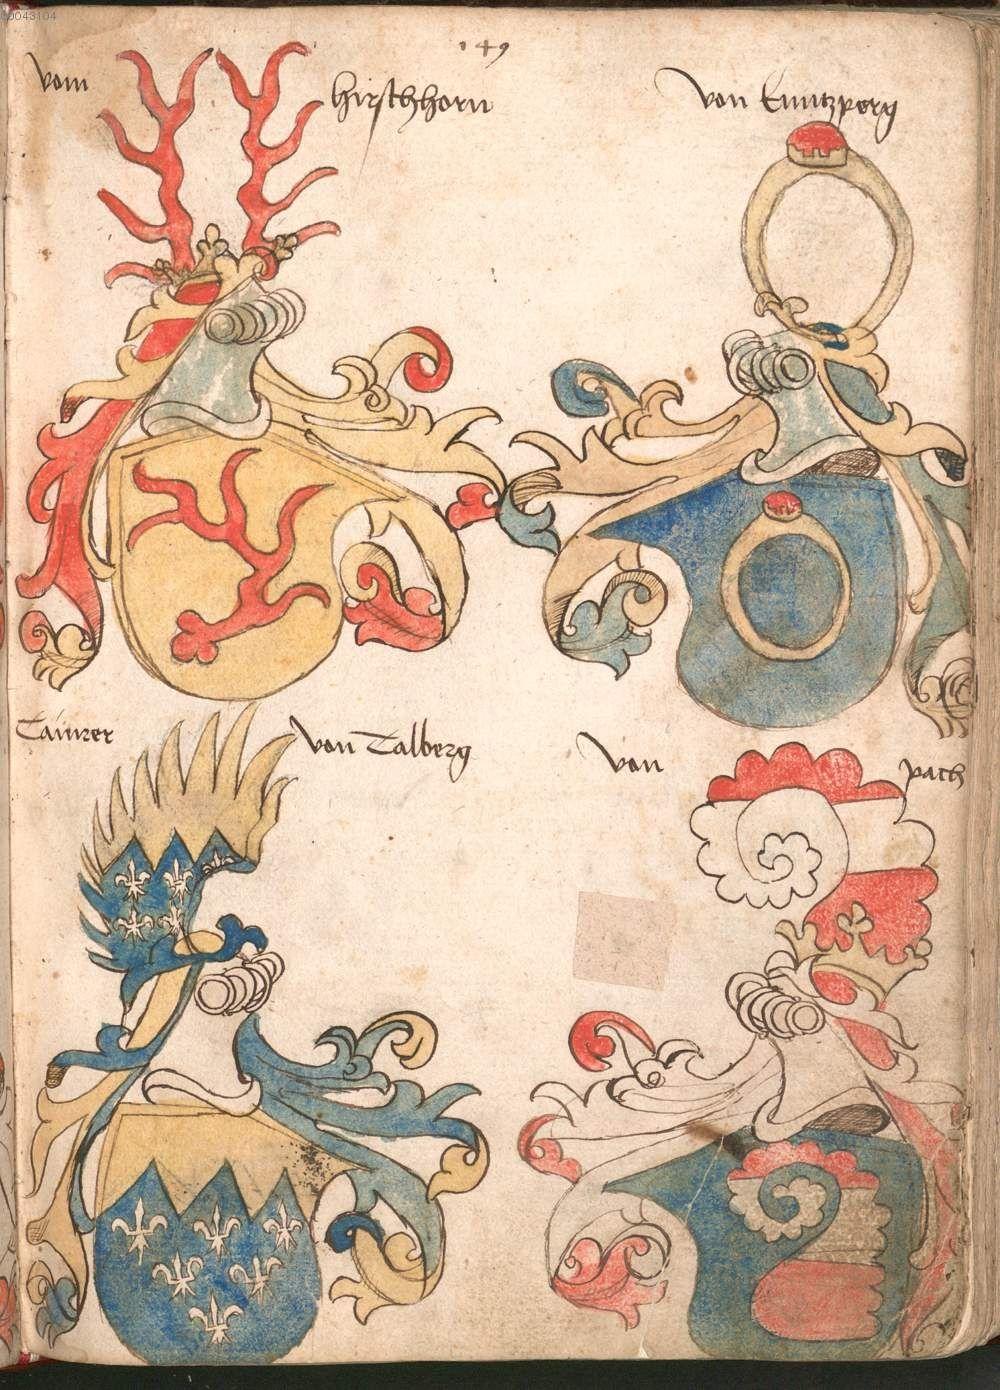 Wernigeroder (Schaffhausensches) Wappenbuch Süddeutschland, 4. Viertel 15. Jh. Cod.icon. 308 n  Folio 149r